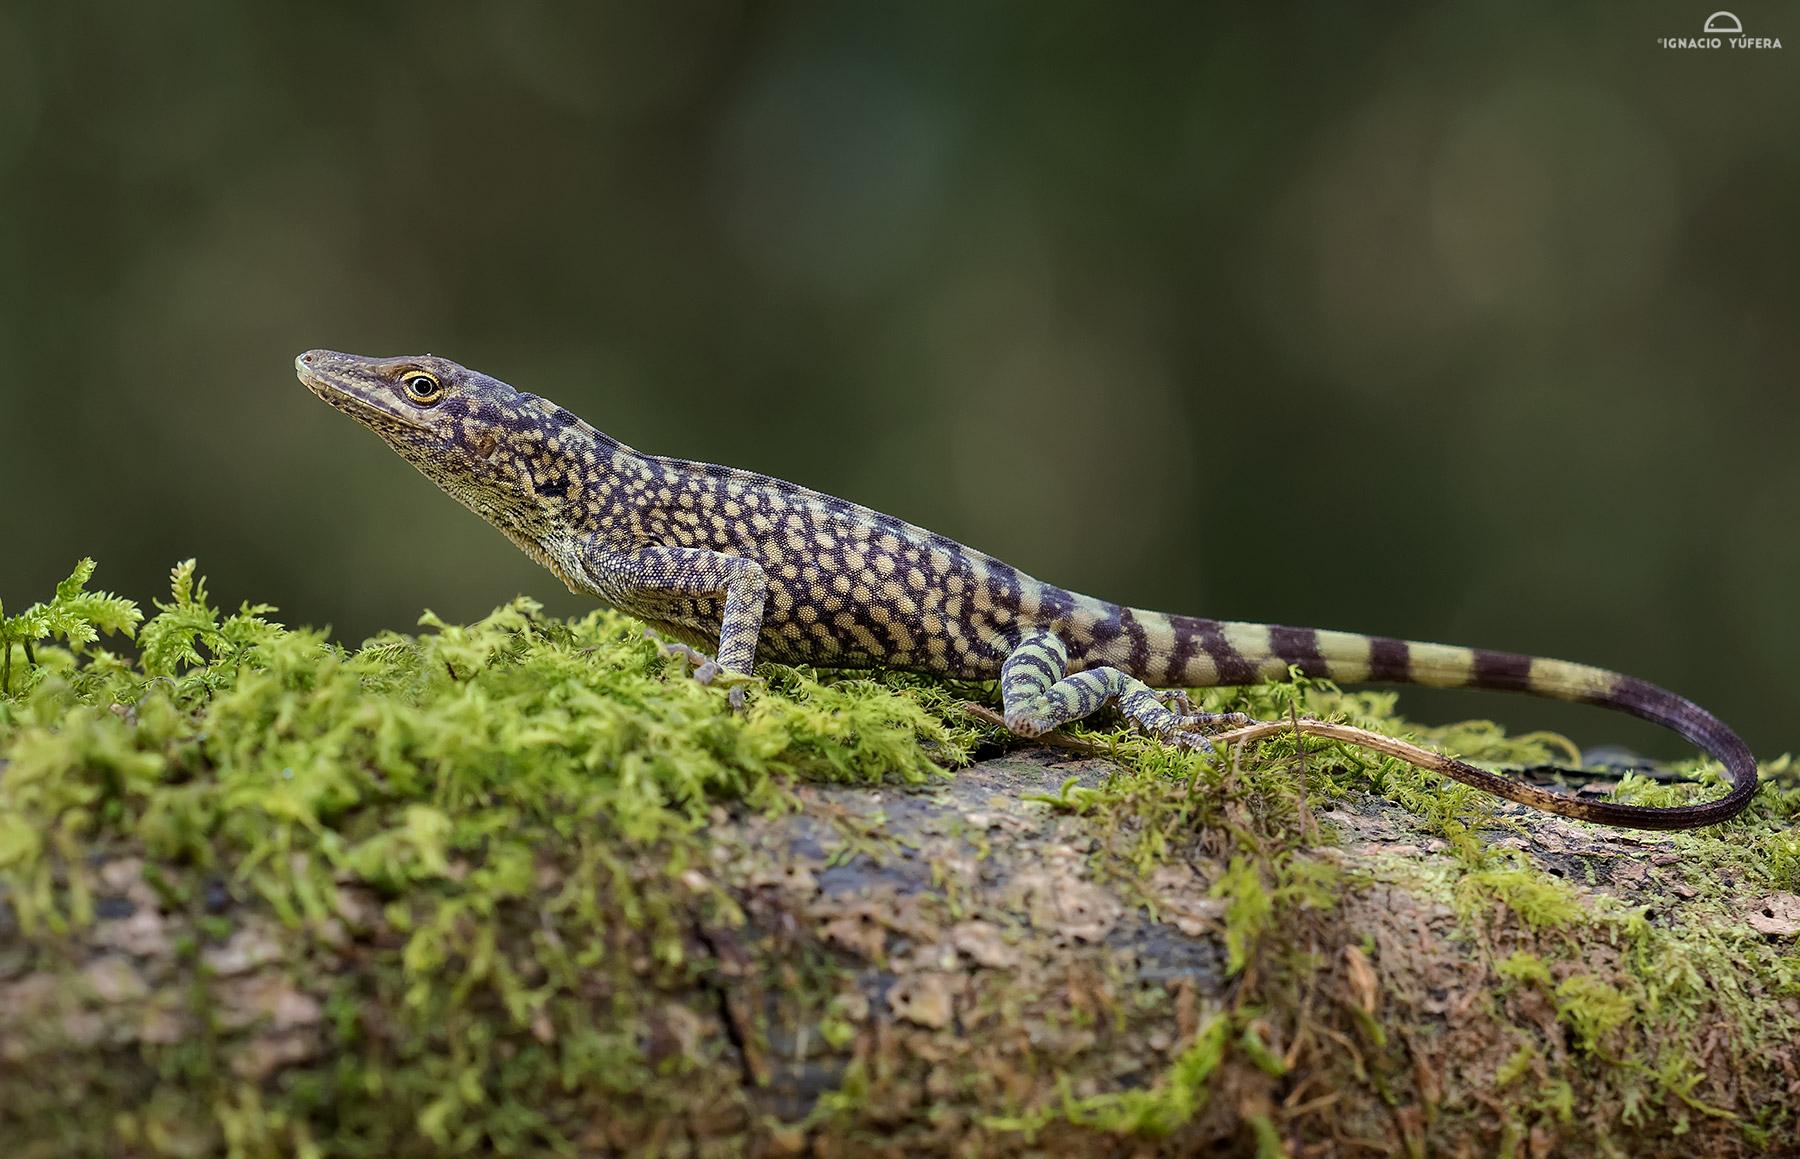 Anolis huilae, Tolima, Colombia